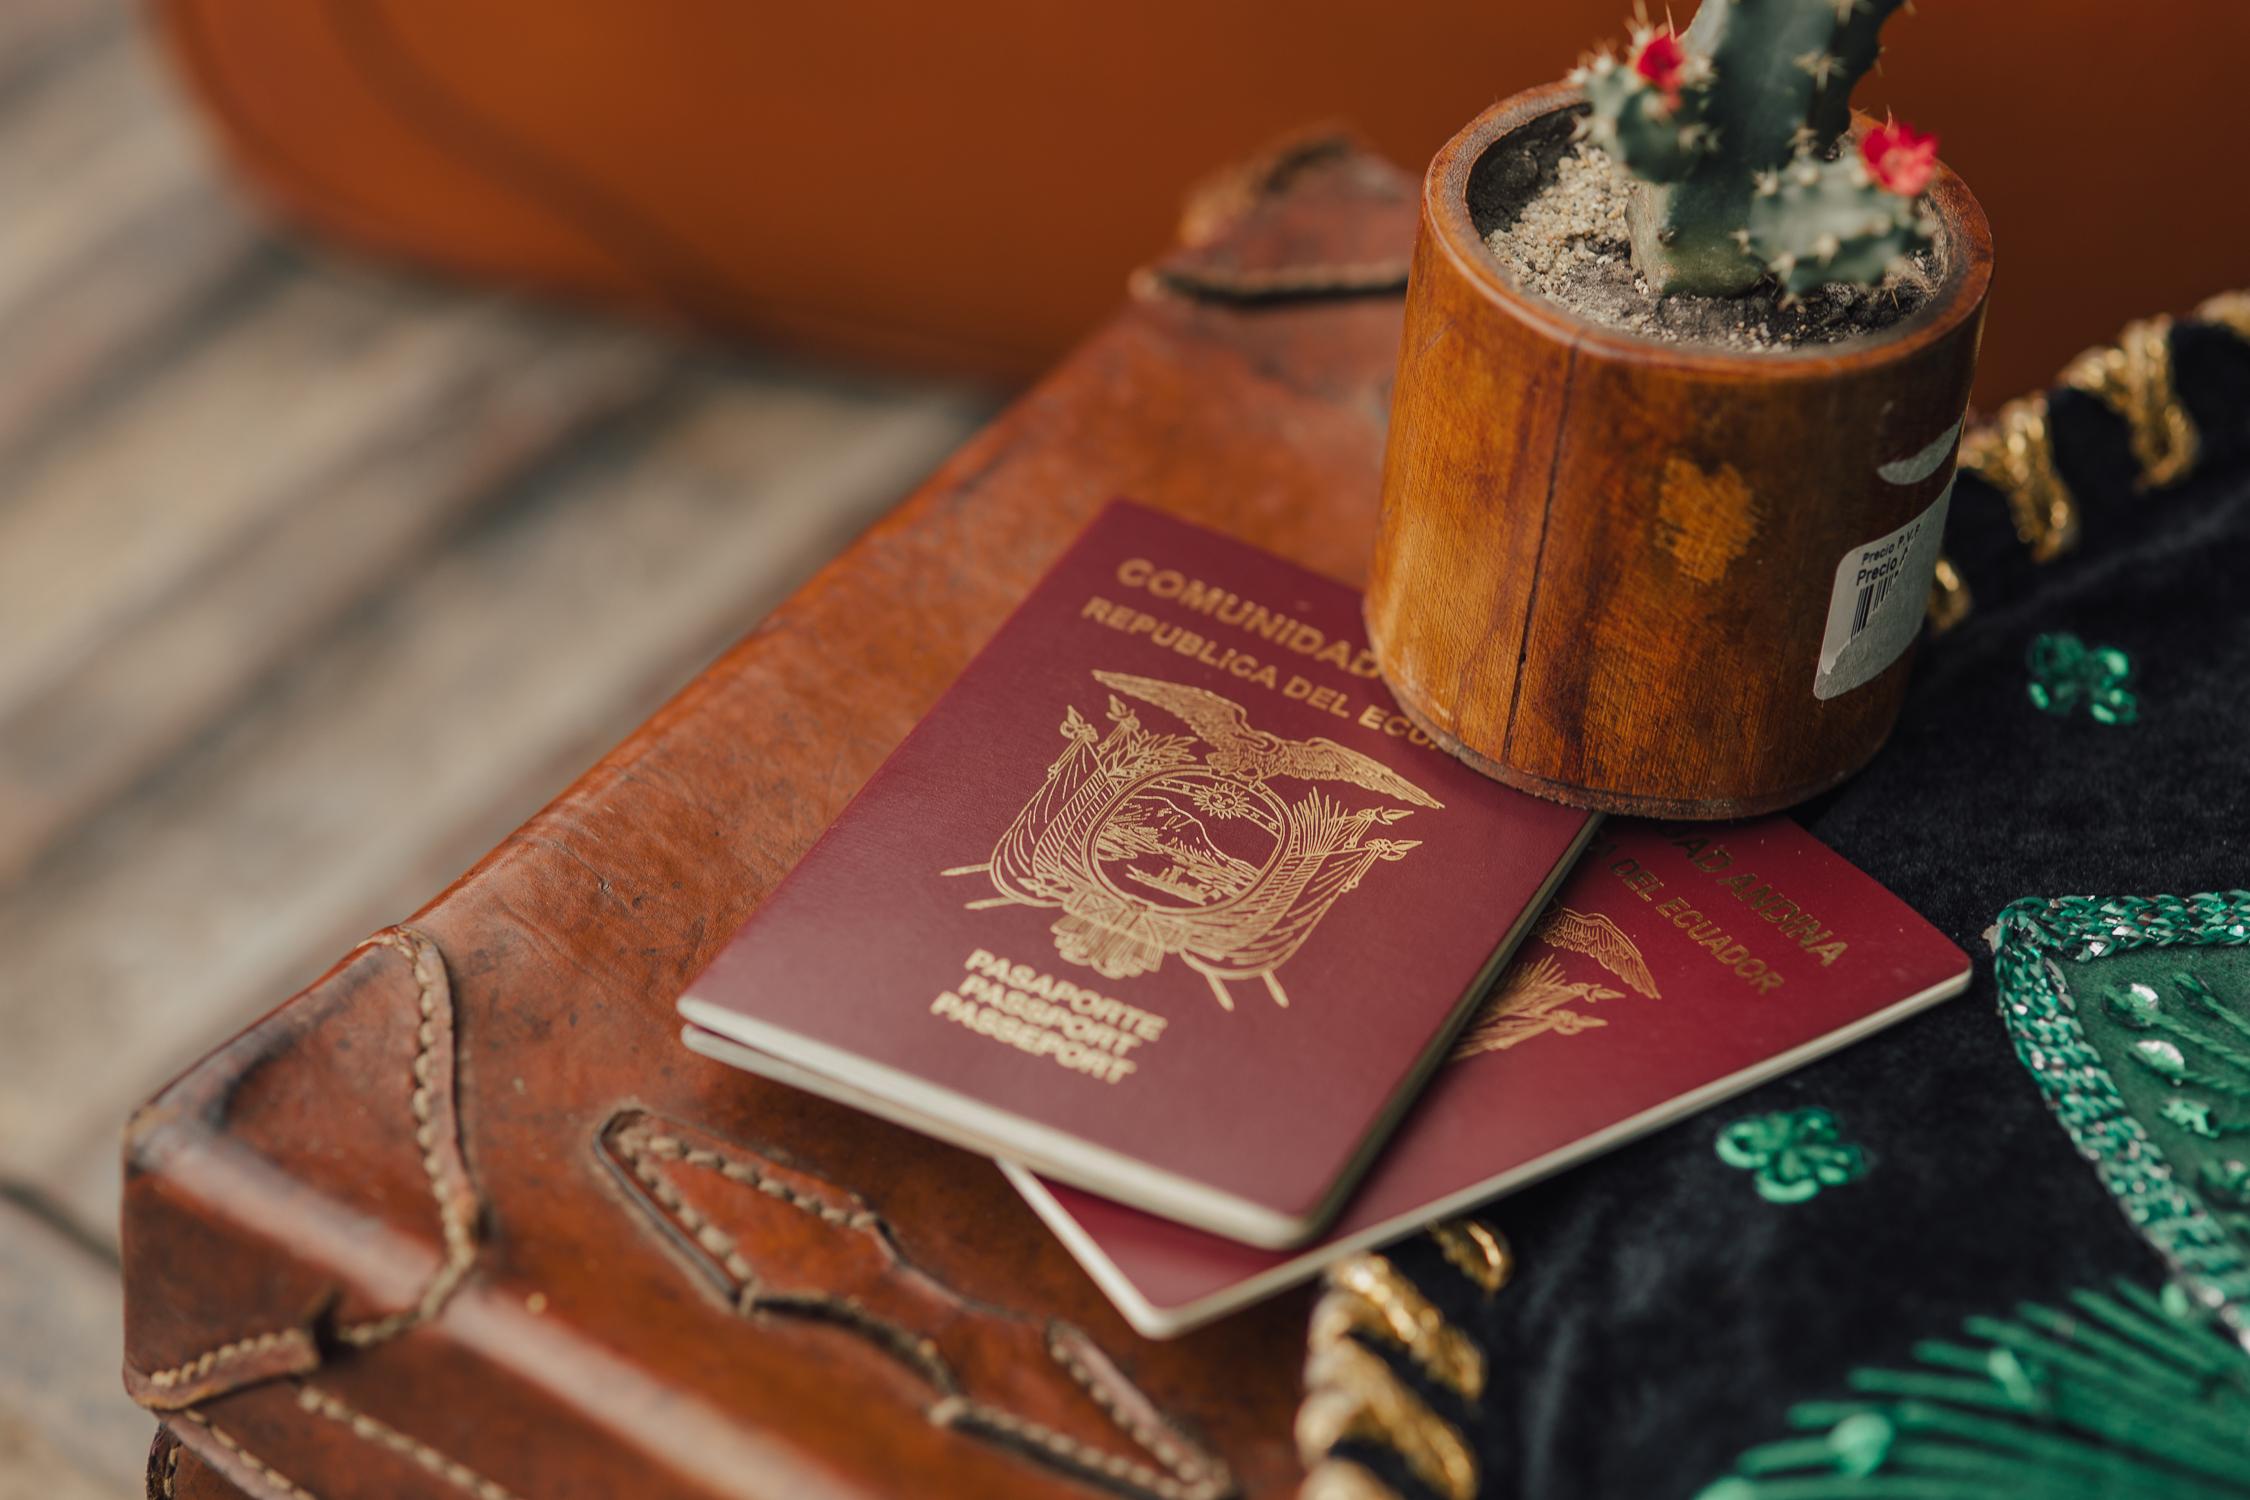 Michelle-Agurto-Fotografia-Bodas-Ecuador-Destination-Wedding-Photographer-Sesion-Maria-Gracia-Bonfy-60.JPG